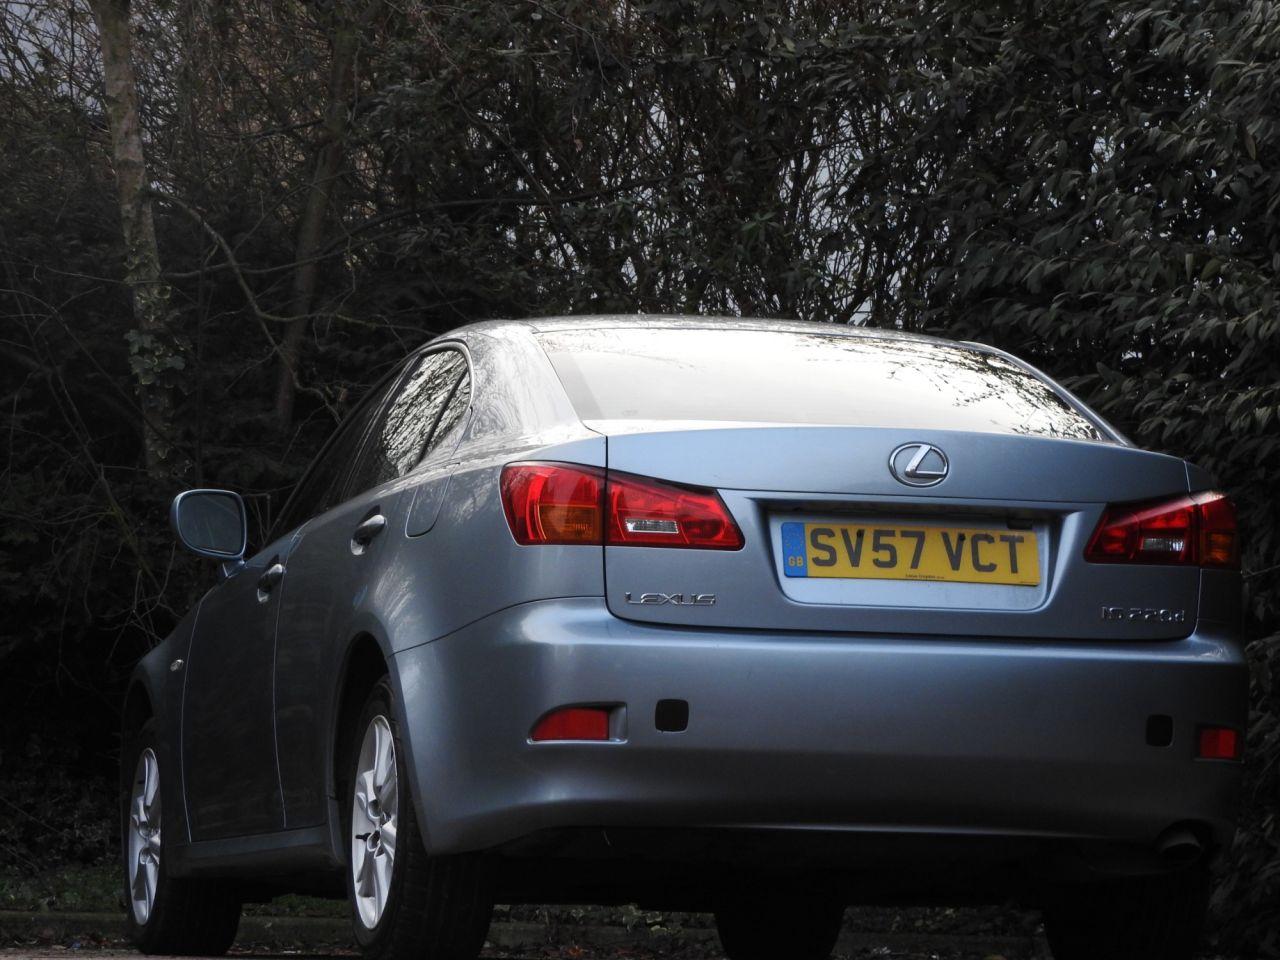 2007 Lexus IS 220d 220d £3,390